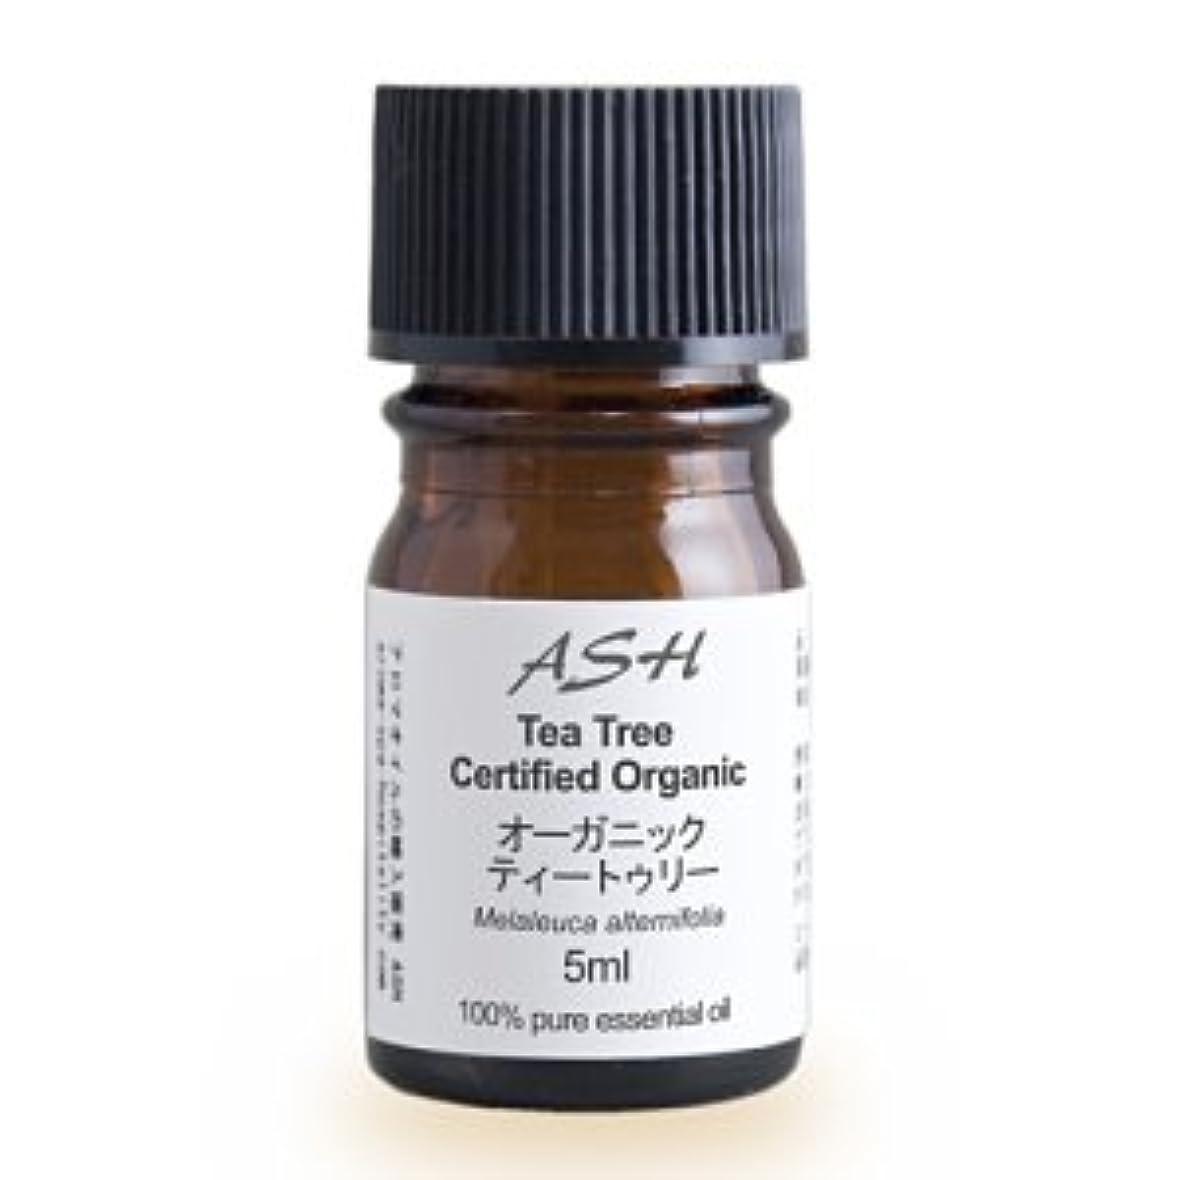 混乱した豆腐褒賞ASH オーガニック ティートゥリー (ティーツリー) エッセンシャルオイル 5ml AEAJ表示基準適合認定精油